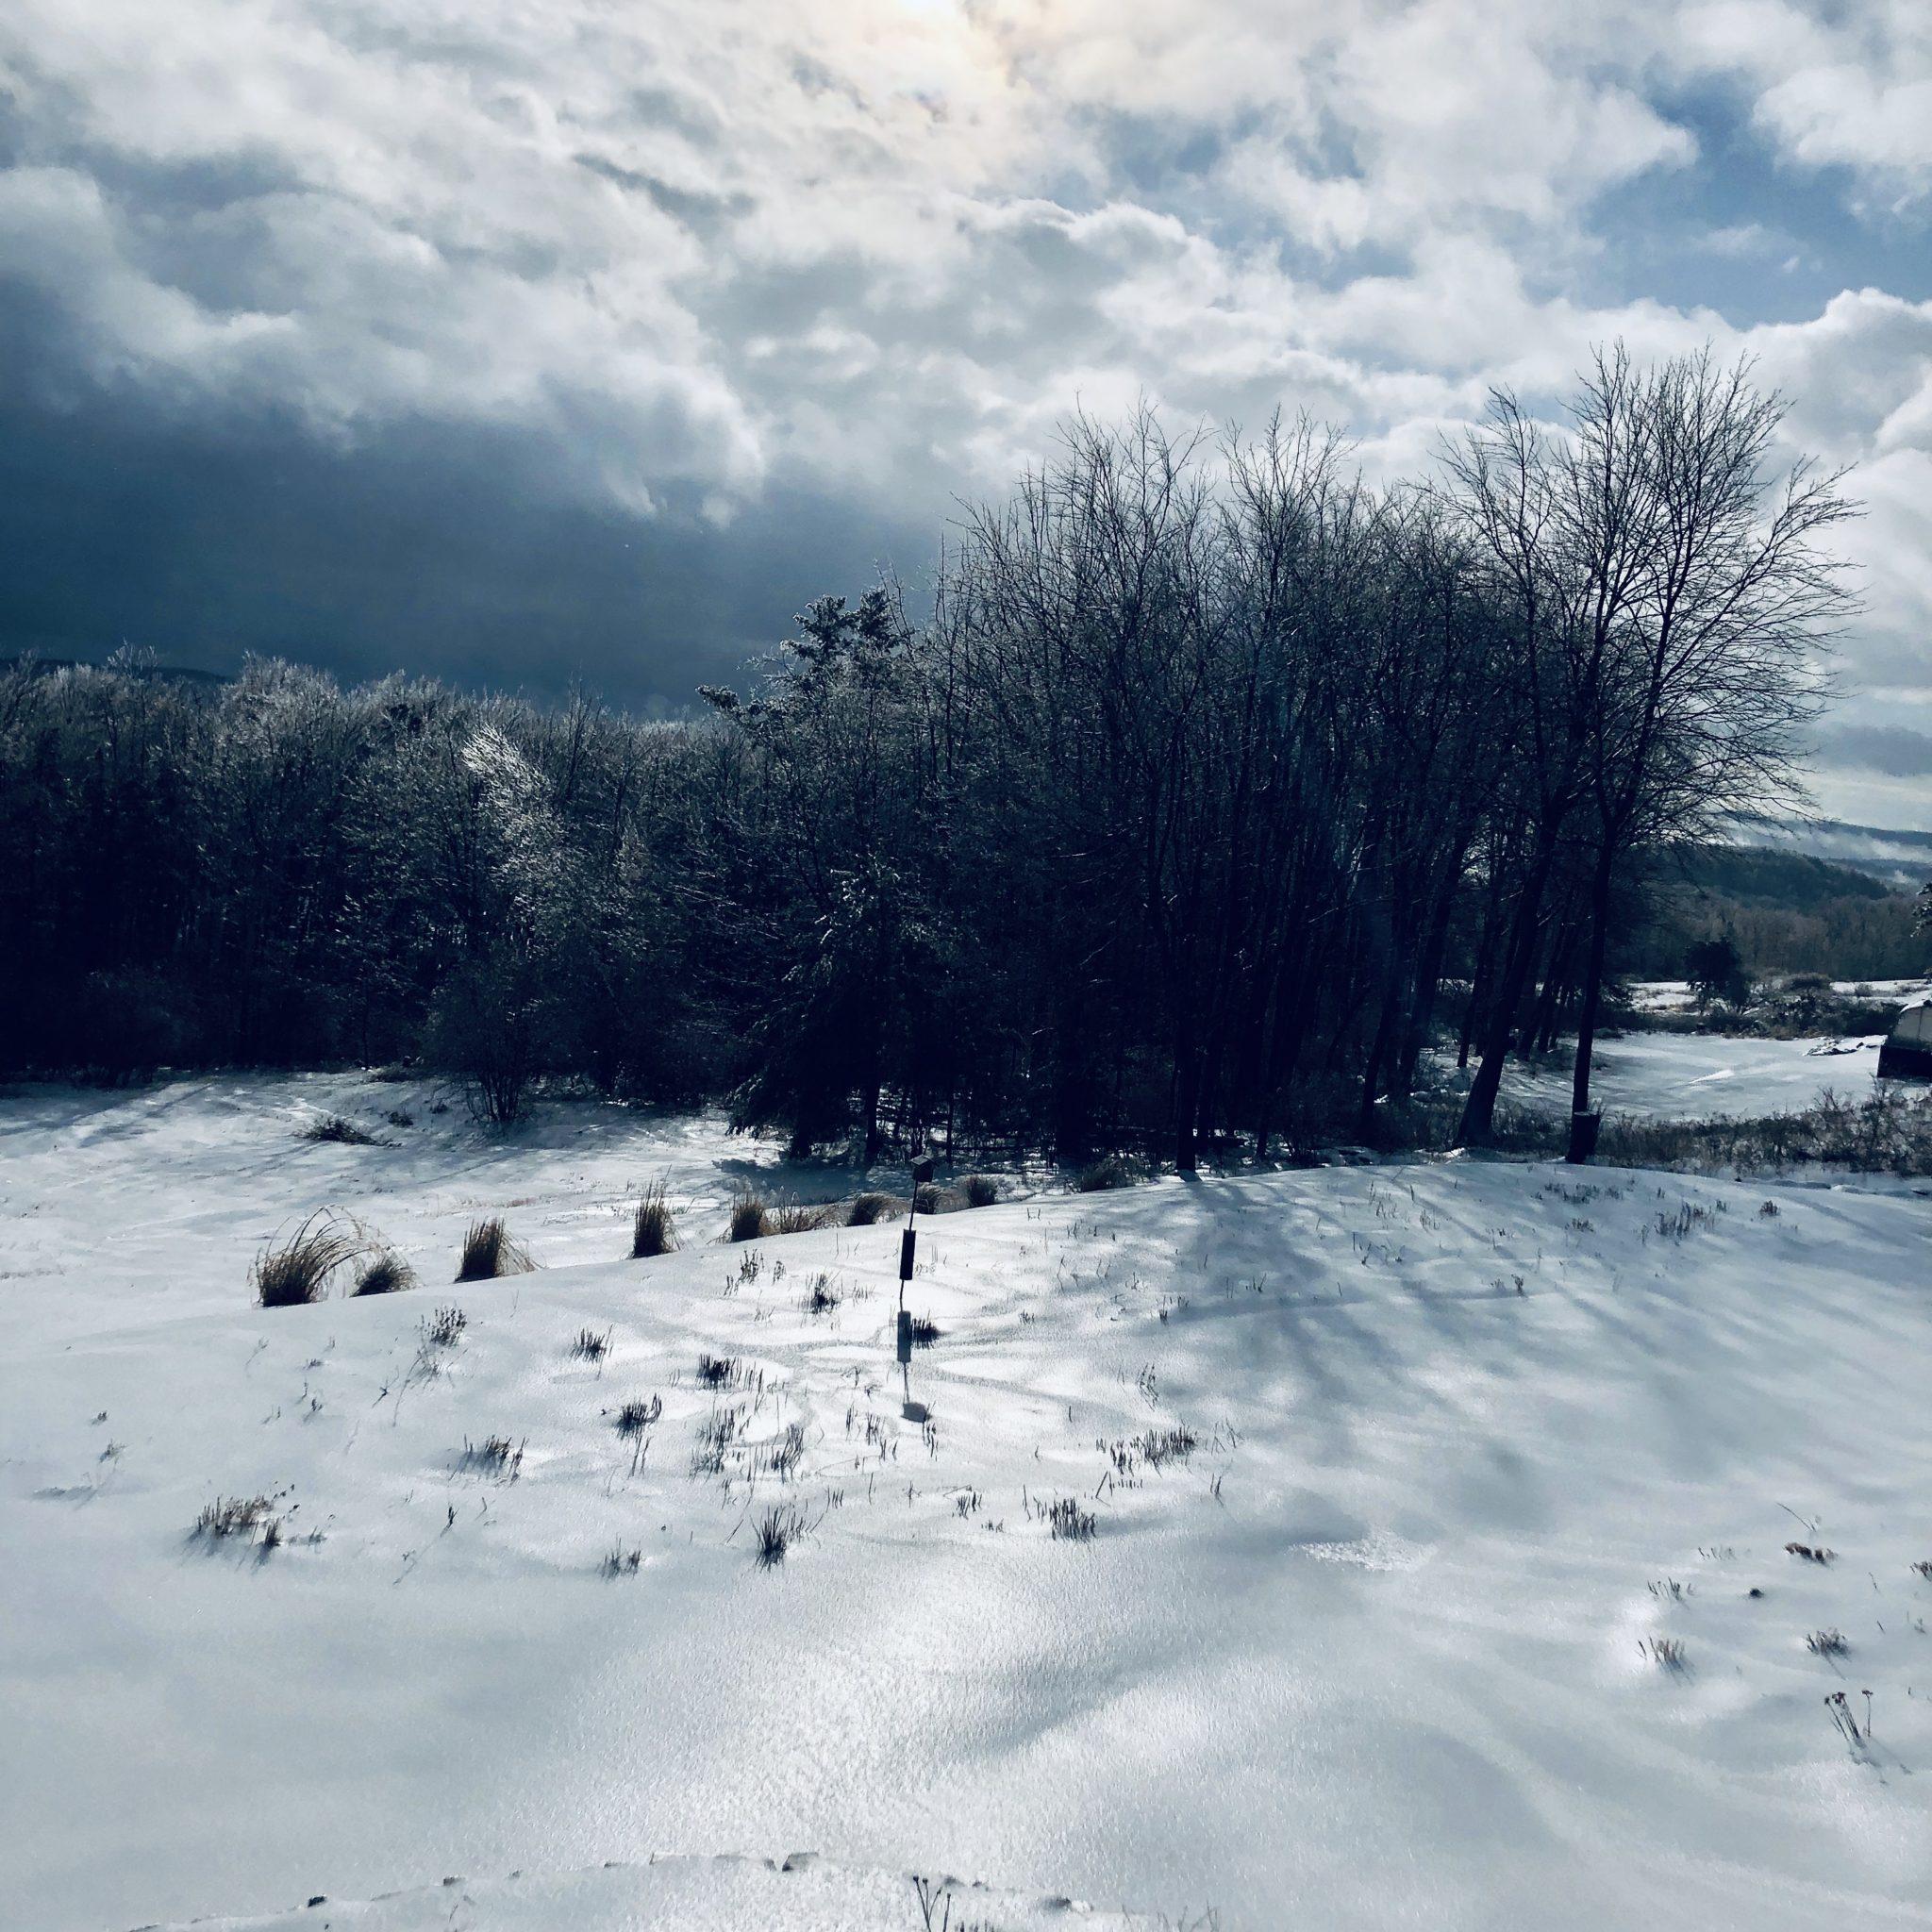 Tree ice storm westledge winter